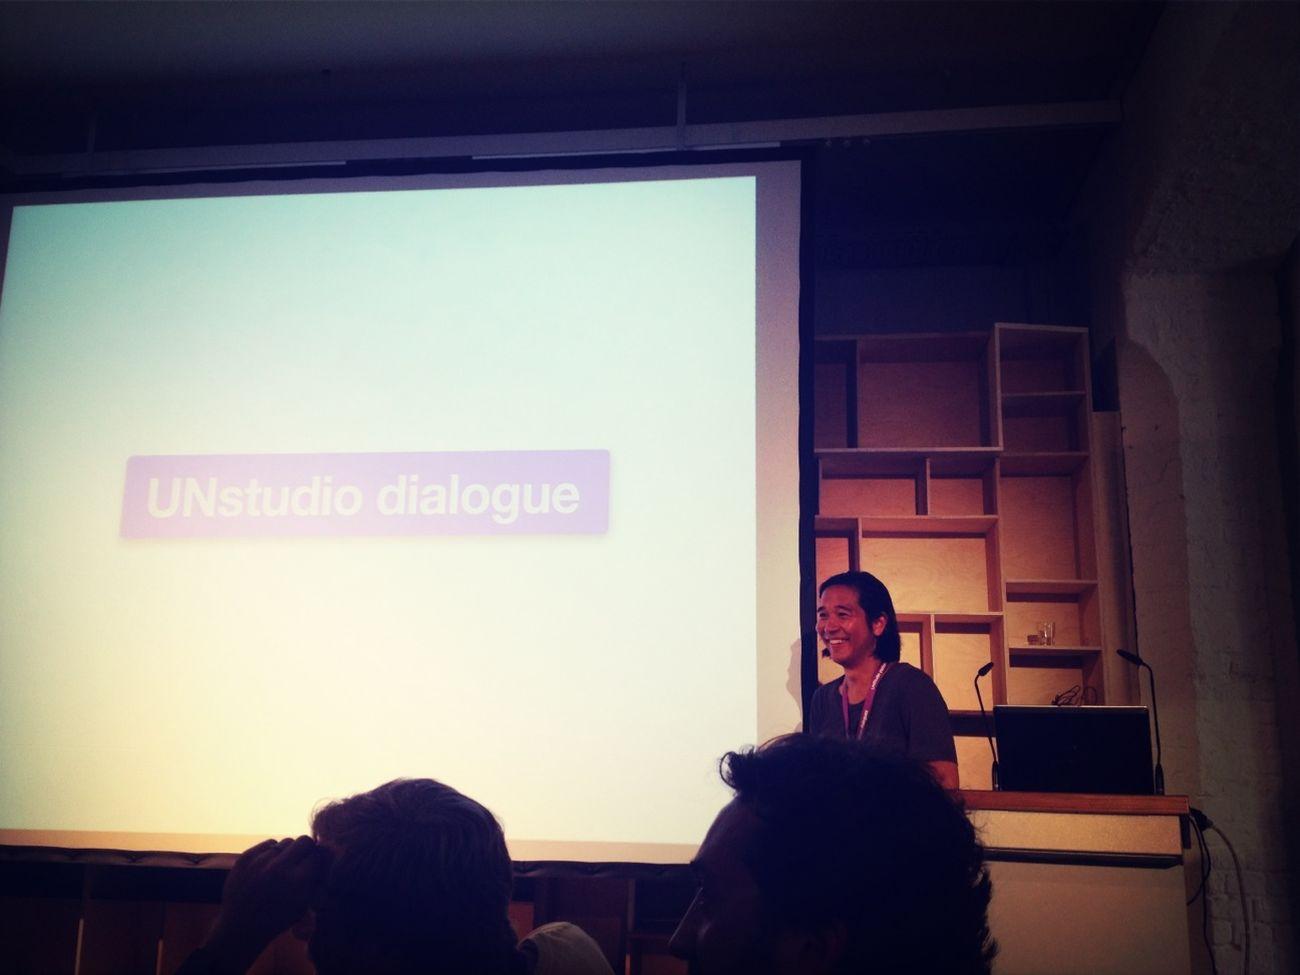 UNstudio Dialogue